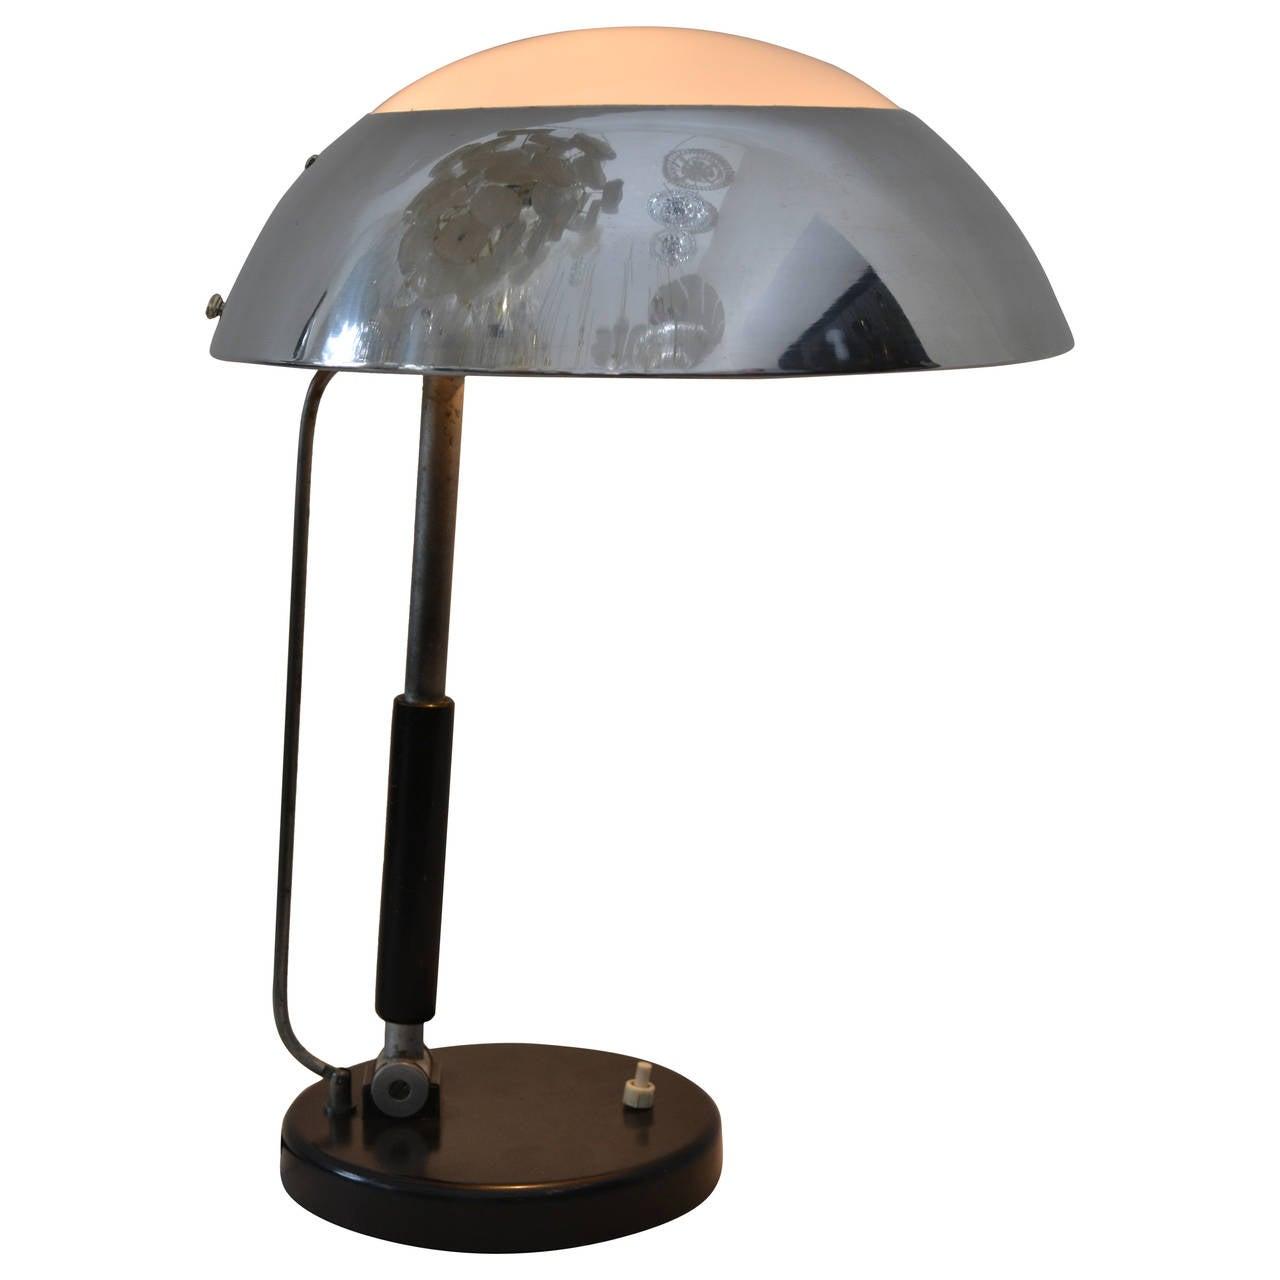 Karl Trabert Industrial Design Desk Lamp For Sale At 1stdibs